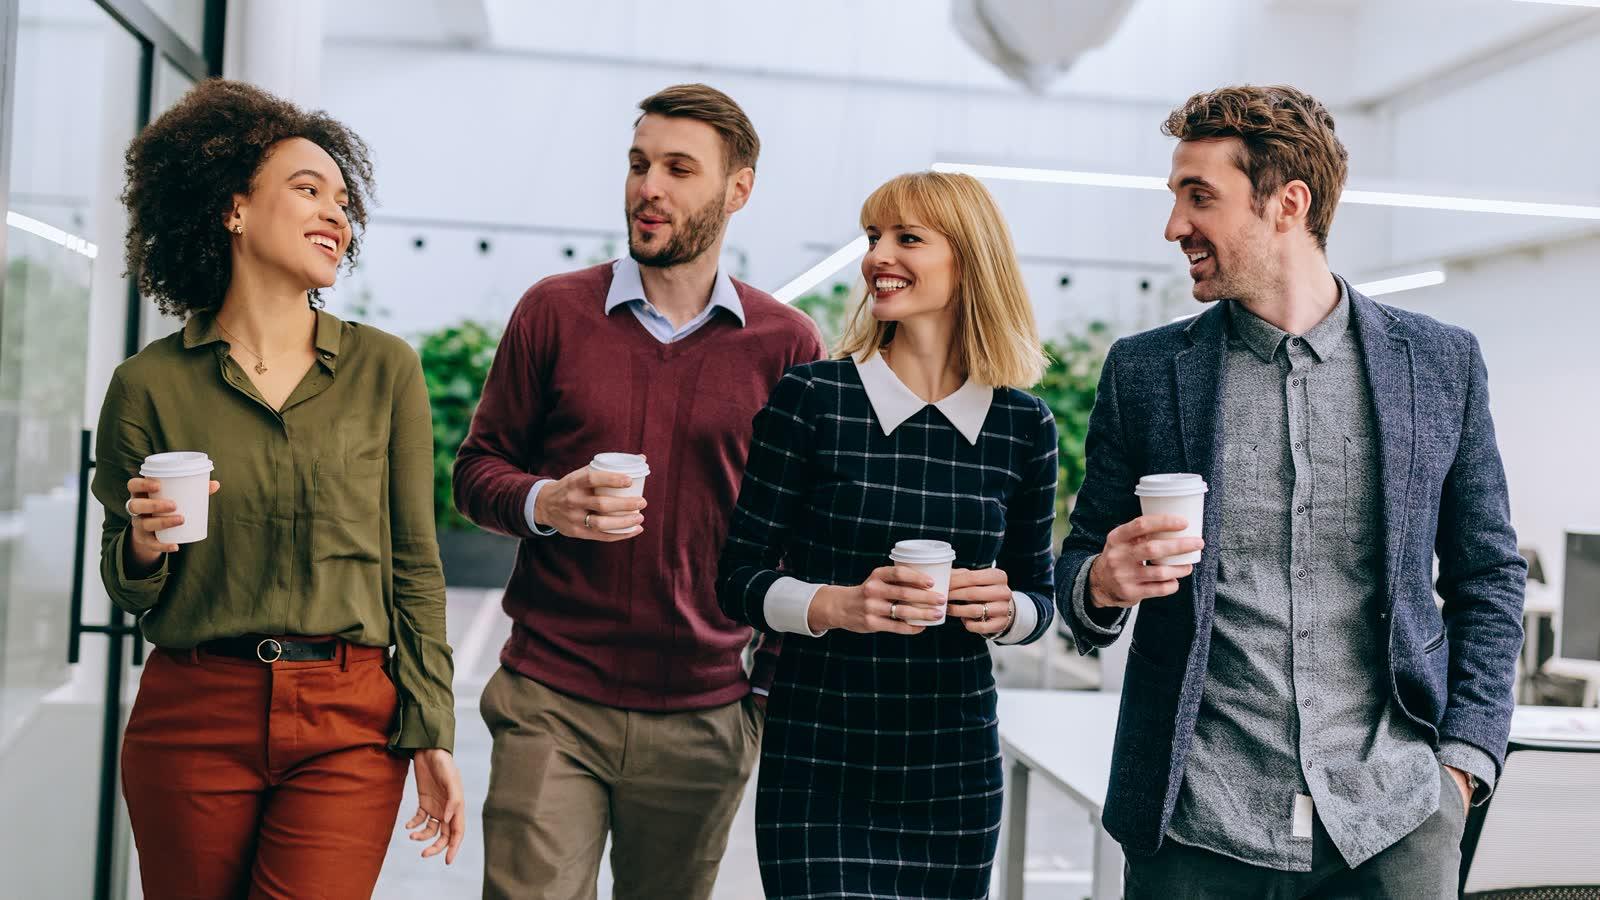 Soziales Kapital: Warum wir die Beziehungen zu unseren Arbeitskollegen jetzt besonders pflegen müssen